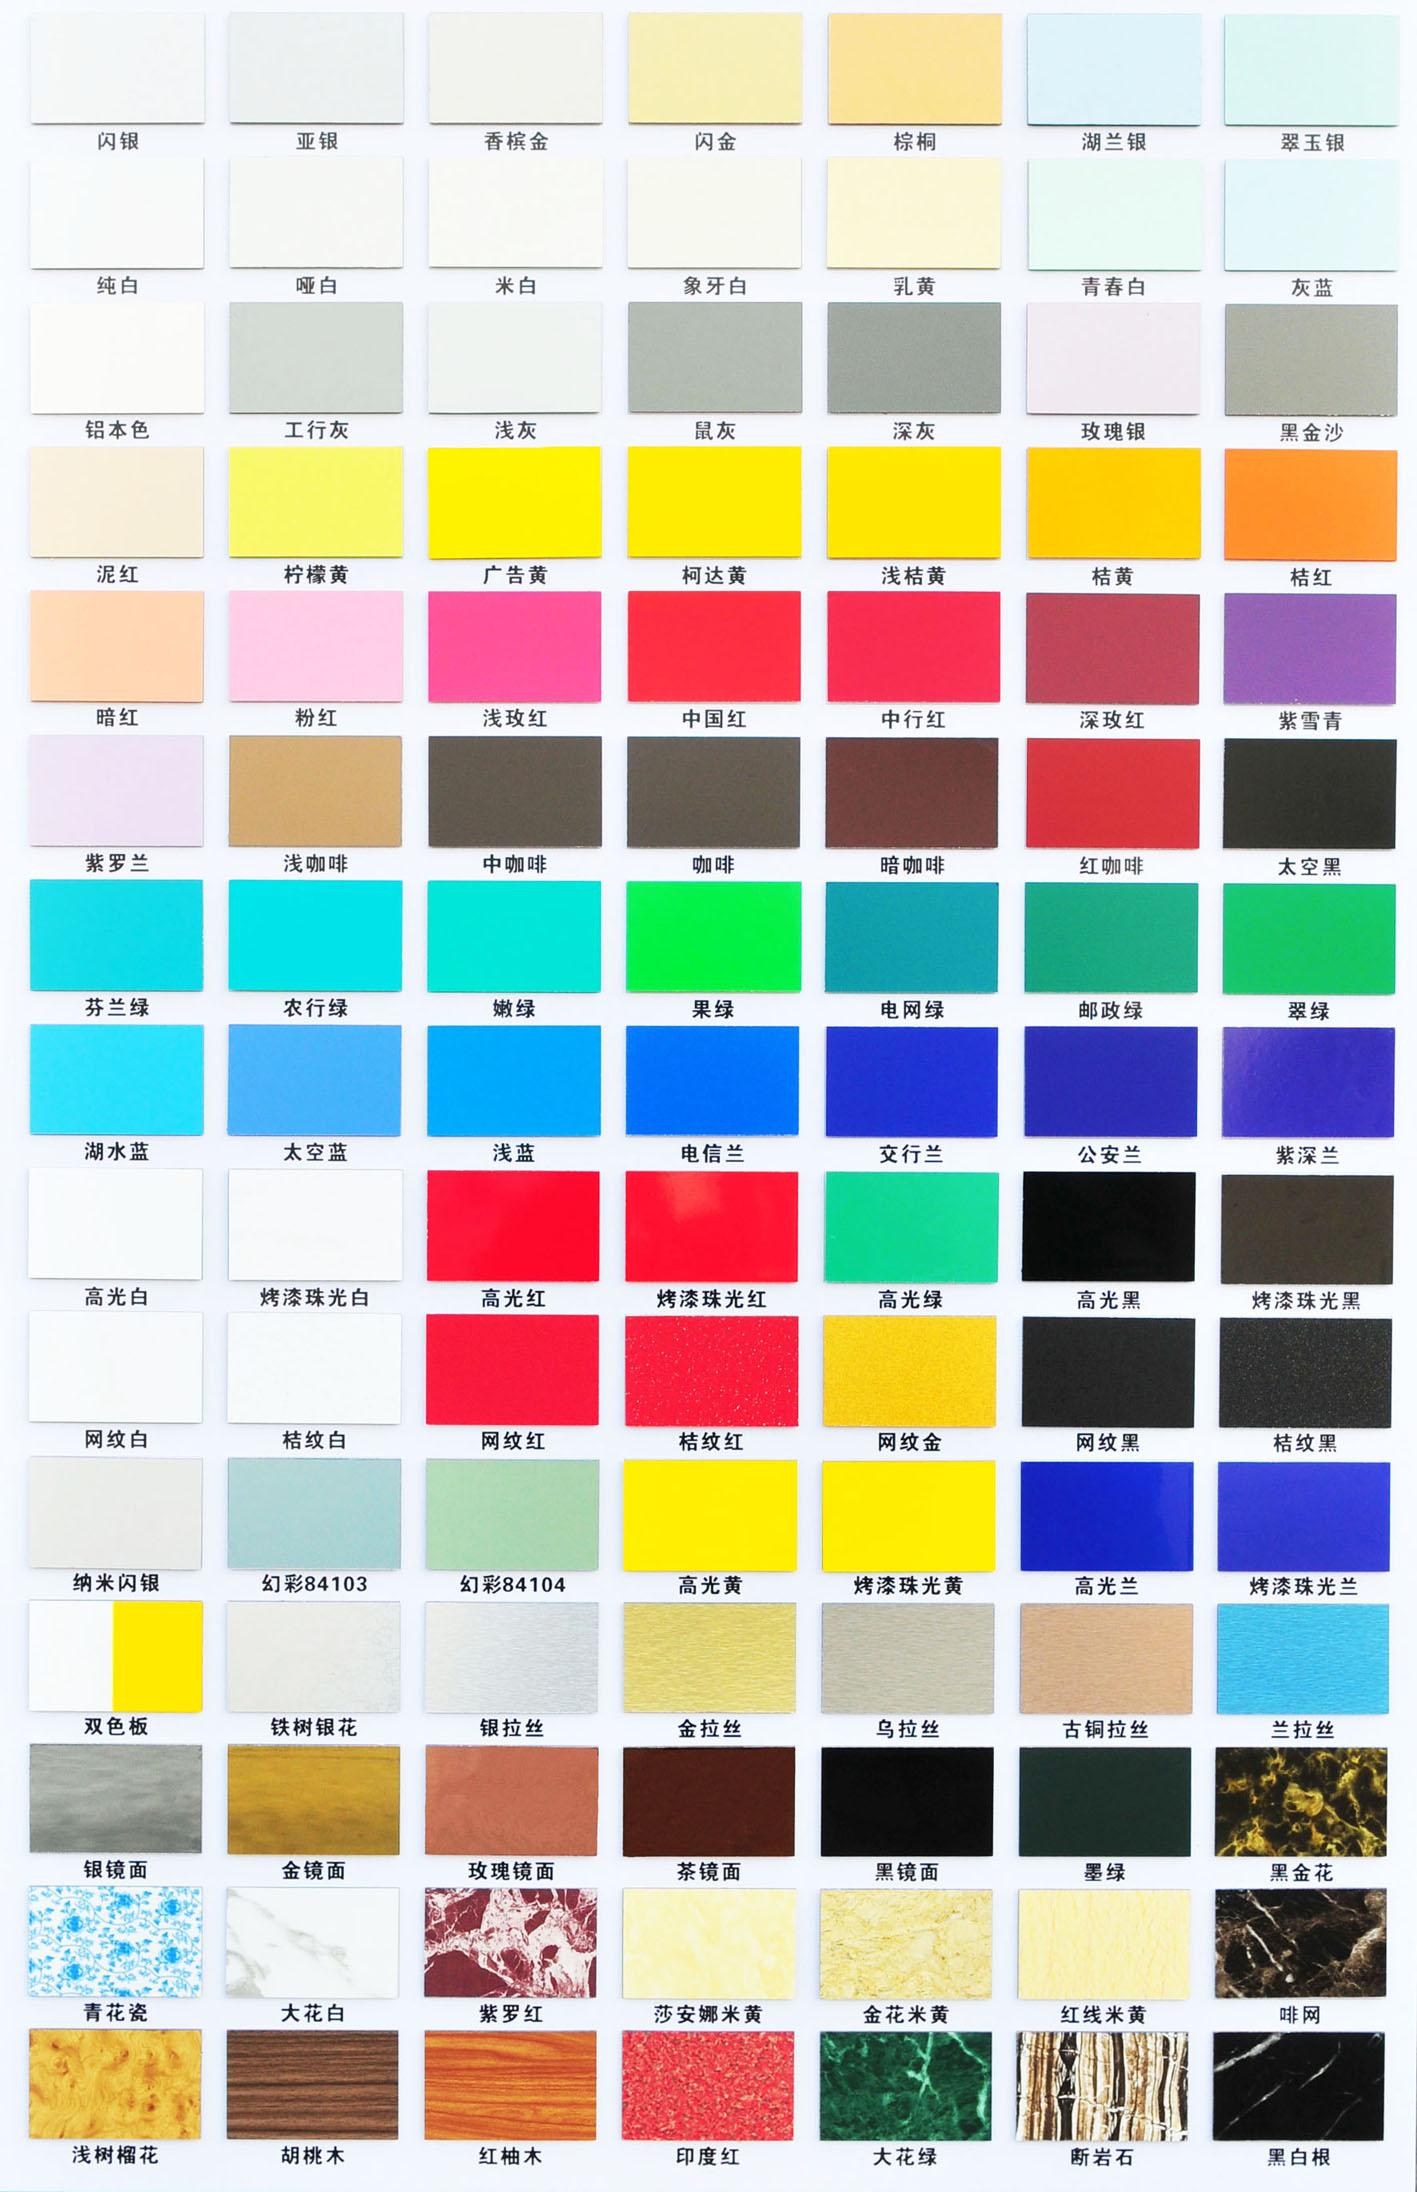 上海铝塑 3mm10丝内墙铝塑板红兰黄绿黑白颜色一共56种颜色任您选